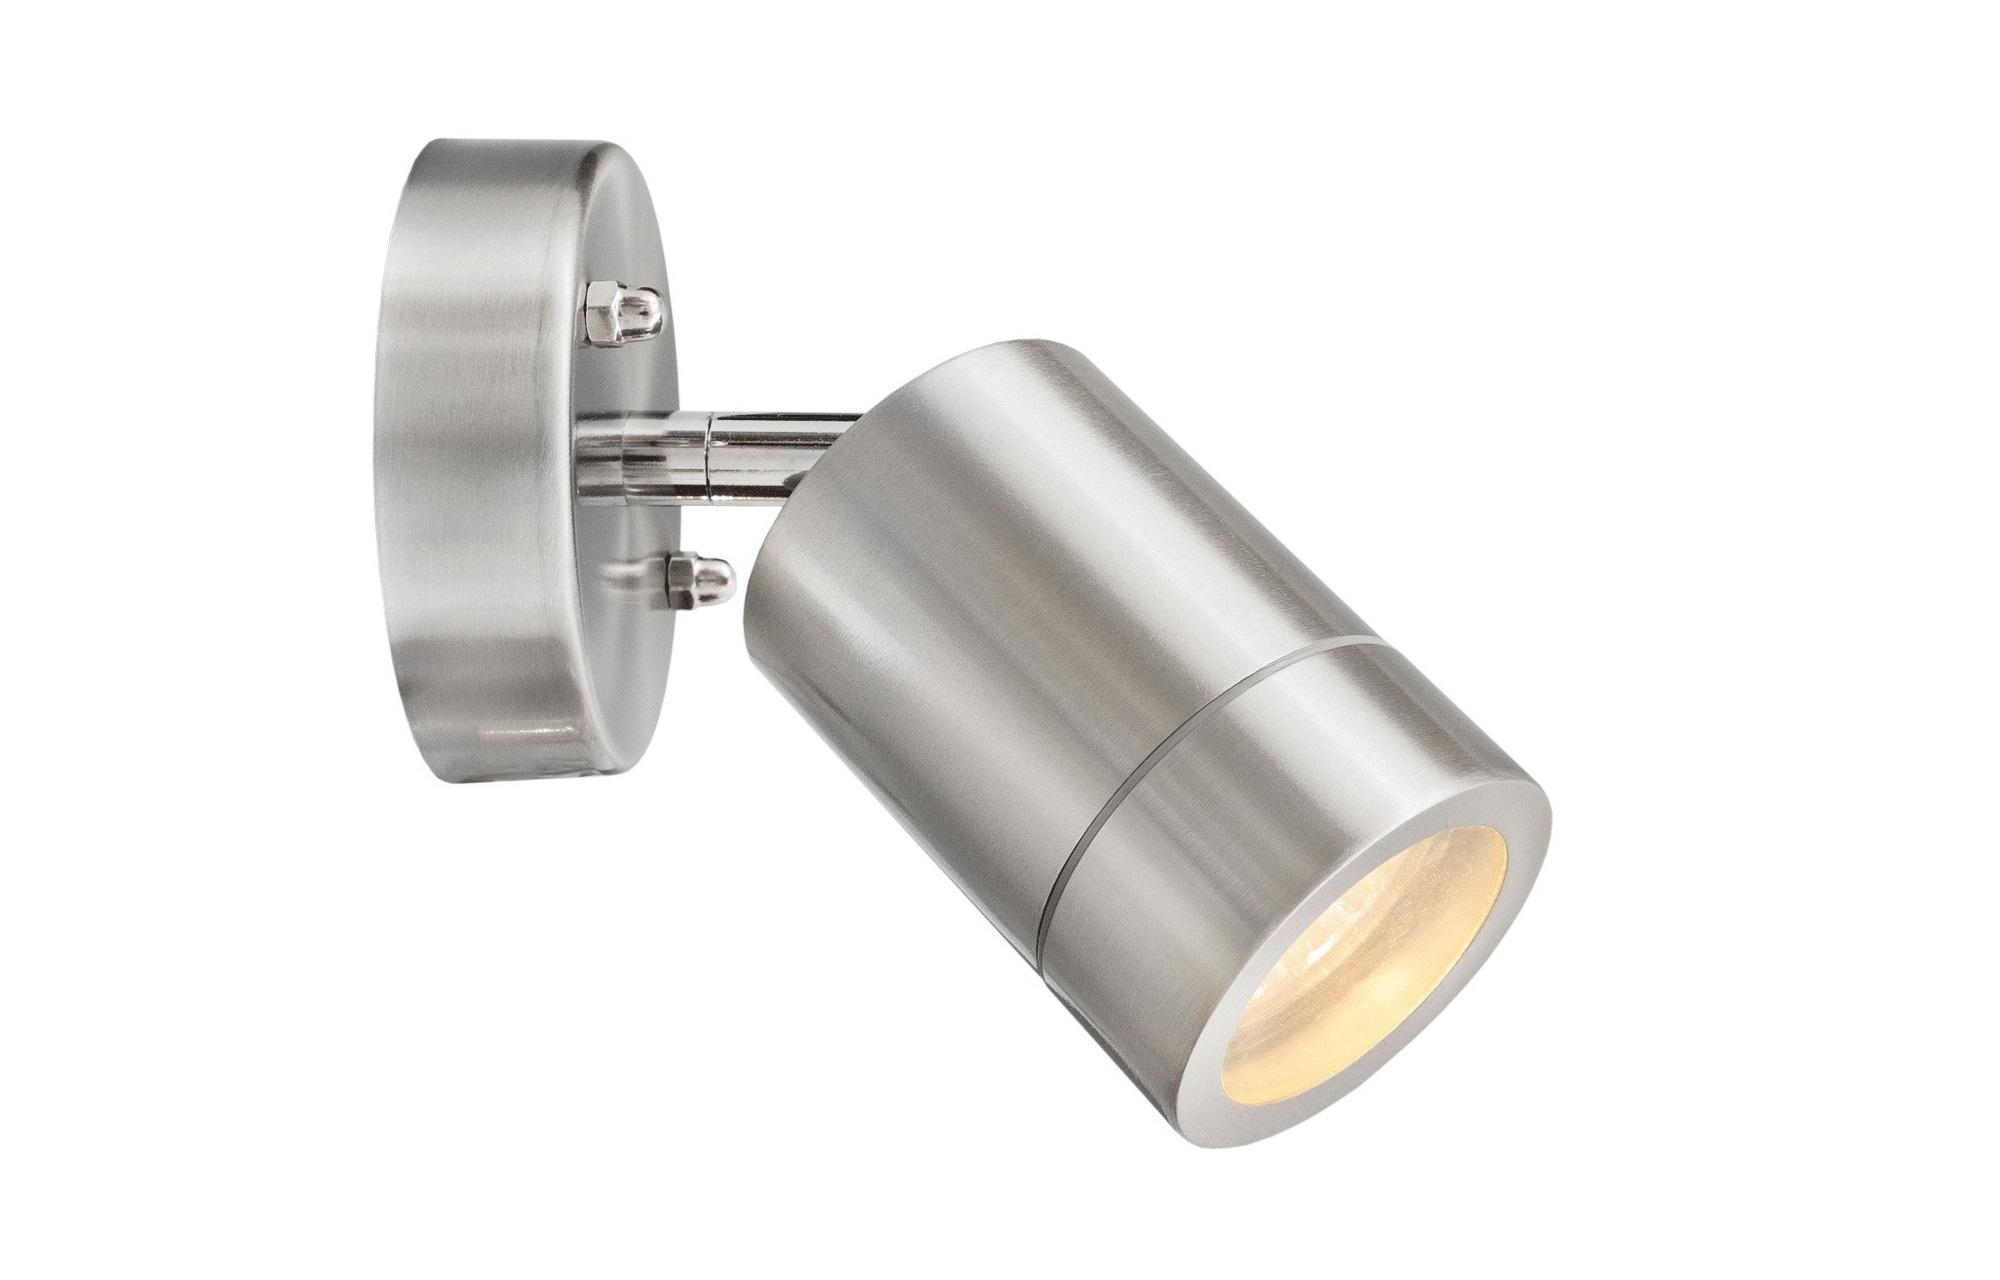 Уличный светильник МеркурийУличные настенные светильники<br>&amp;lt;div&amp;gt;Основание из стали, плафоны из стекла.&amp;lt;/div&amp;gt;&amp;lt;div&amp;gt;&amp;lt;br&amp;gt;&amp;lt;/div&amp;gt;&amp;lt;div&amp;gt;Светодиод 1x21&amp;amp;nbsp;&amp;lt;span style=&amp;quot;line-height: 1.78571;&amp;quot;&amp;gt;LED&amp;lt;/span&amp;gt;&amp;lt;/div&amp;gt;&amp;lt;div&amp;gt;&amp;lt;span style=&amp;quot;line-height: 1.78571;&amp;quot;&amp;gt;Цоколь GU10&amp;lt;/span&amp;gt;&amp;lt;/div&amp;gt;&amp;lt;div&amp;gt;&amp;lt;span style=&amp;quot;line-height: 1.78571;&amp;quot;&amp;gt;Степень защиты светильников от пыли и влаги&amp;lt;/span&amp;gt;&amp;lt;span style=&amp;quot;line-height: 1.78571;&amp;quot;&amp;gt;&amp;amp;nbsp;IP65&amp;lt;/span&amp;gt;&amp;lt;/div&amp;gt;<br><br>Material: Сталь<br>Length см: 15<br>Width см: 9<br>Height см: 16